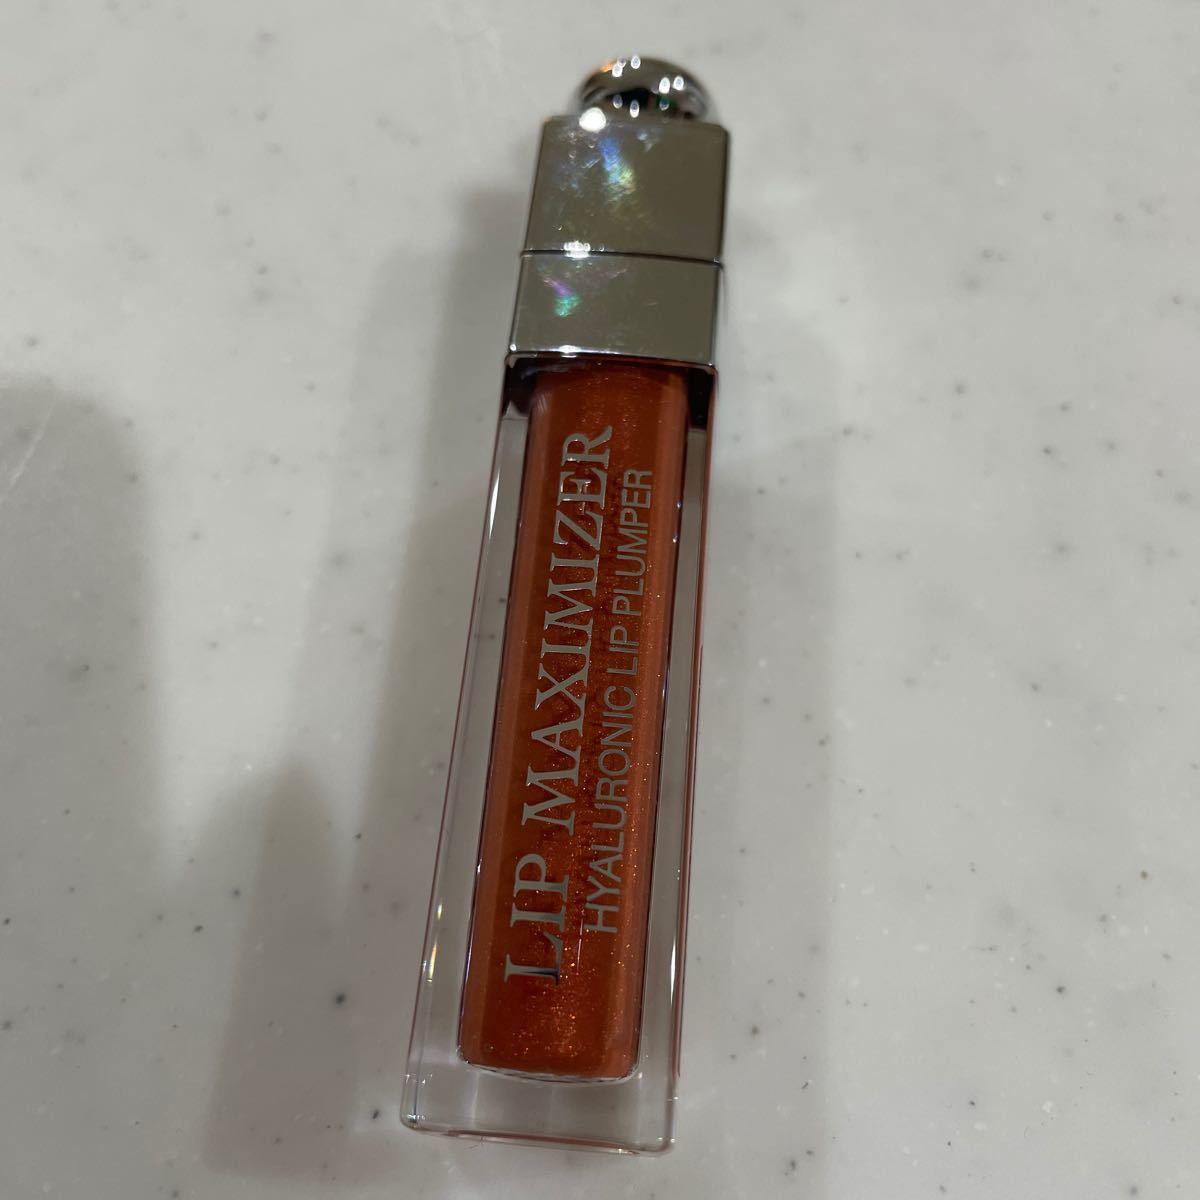 Dior リップマキシマイザー023 シマーブロンズ